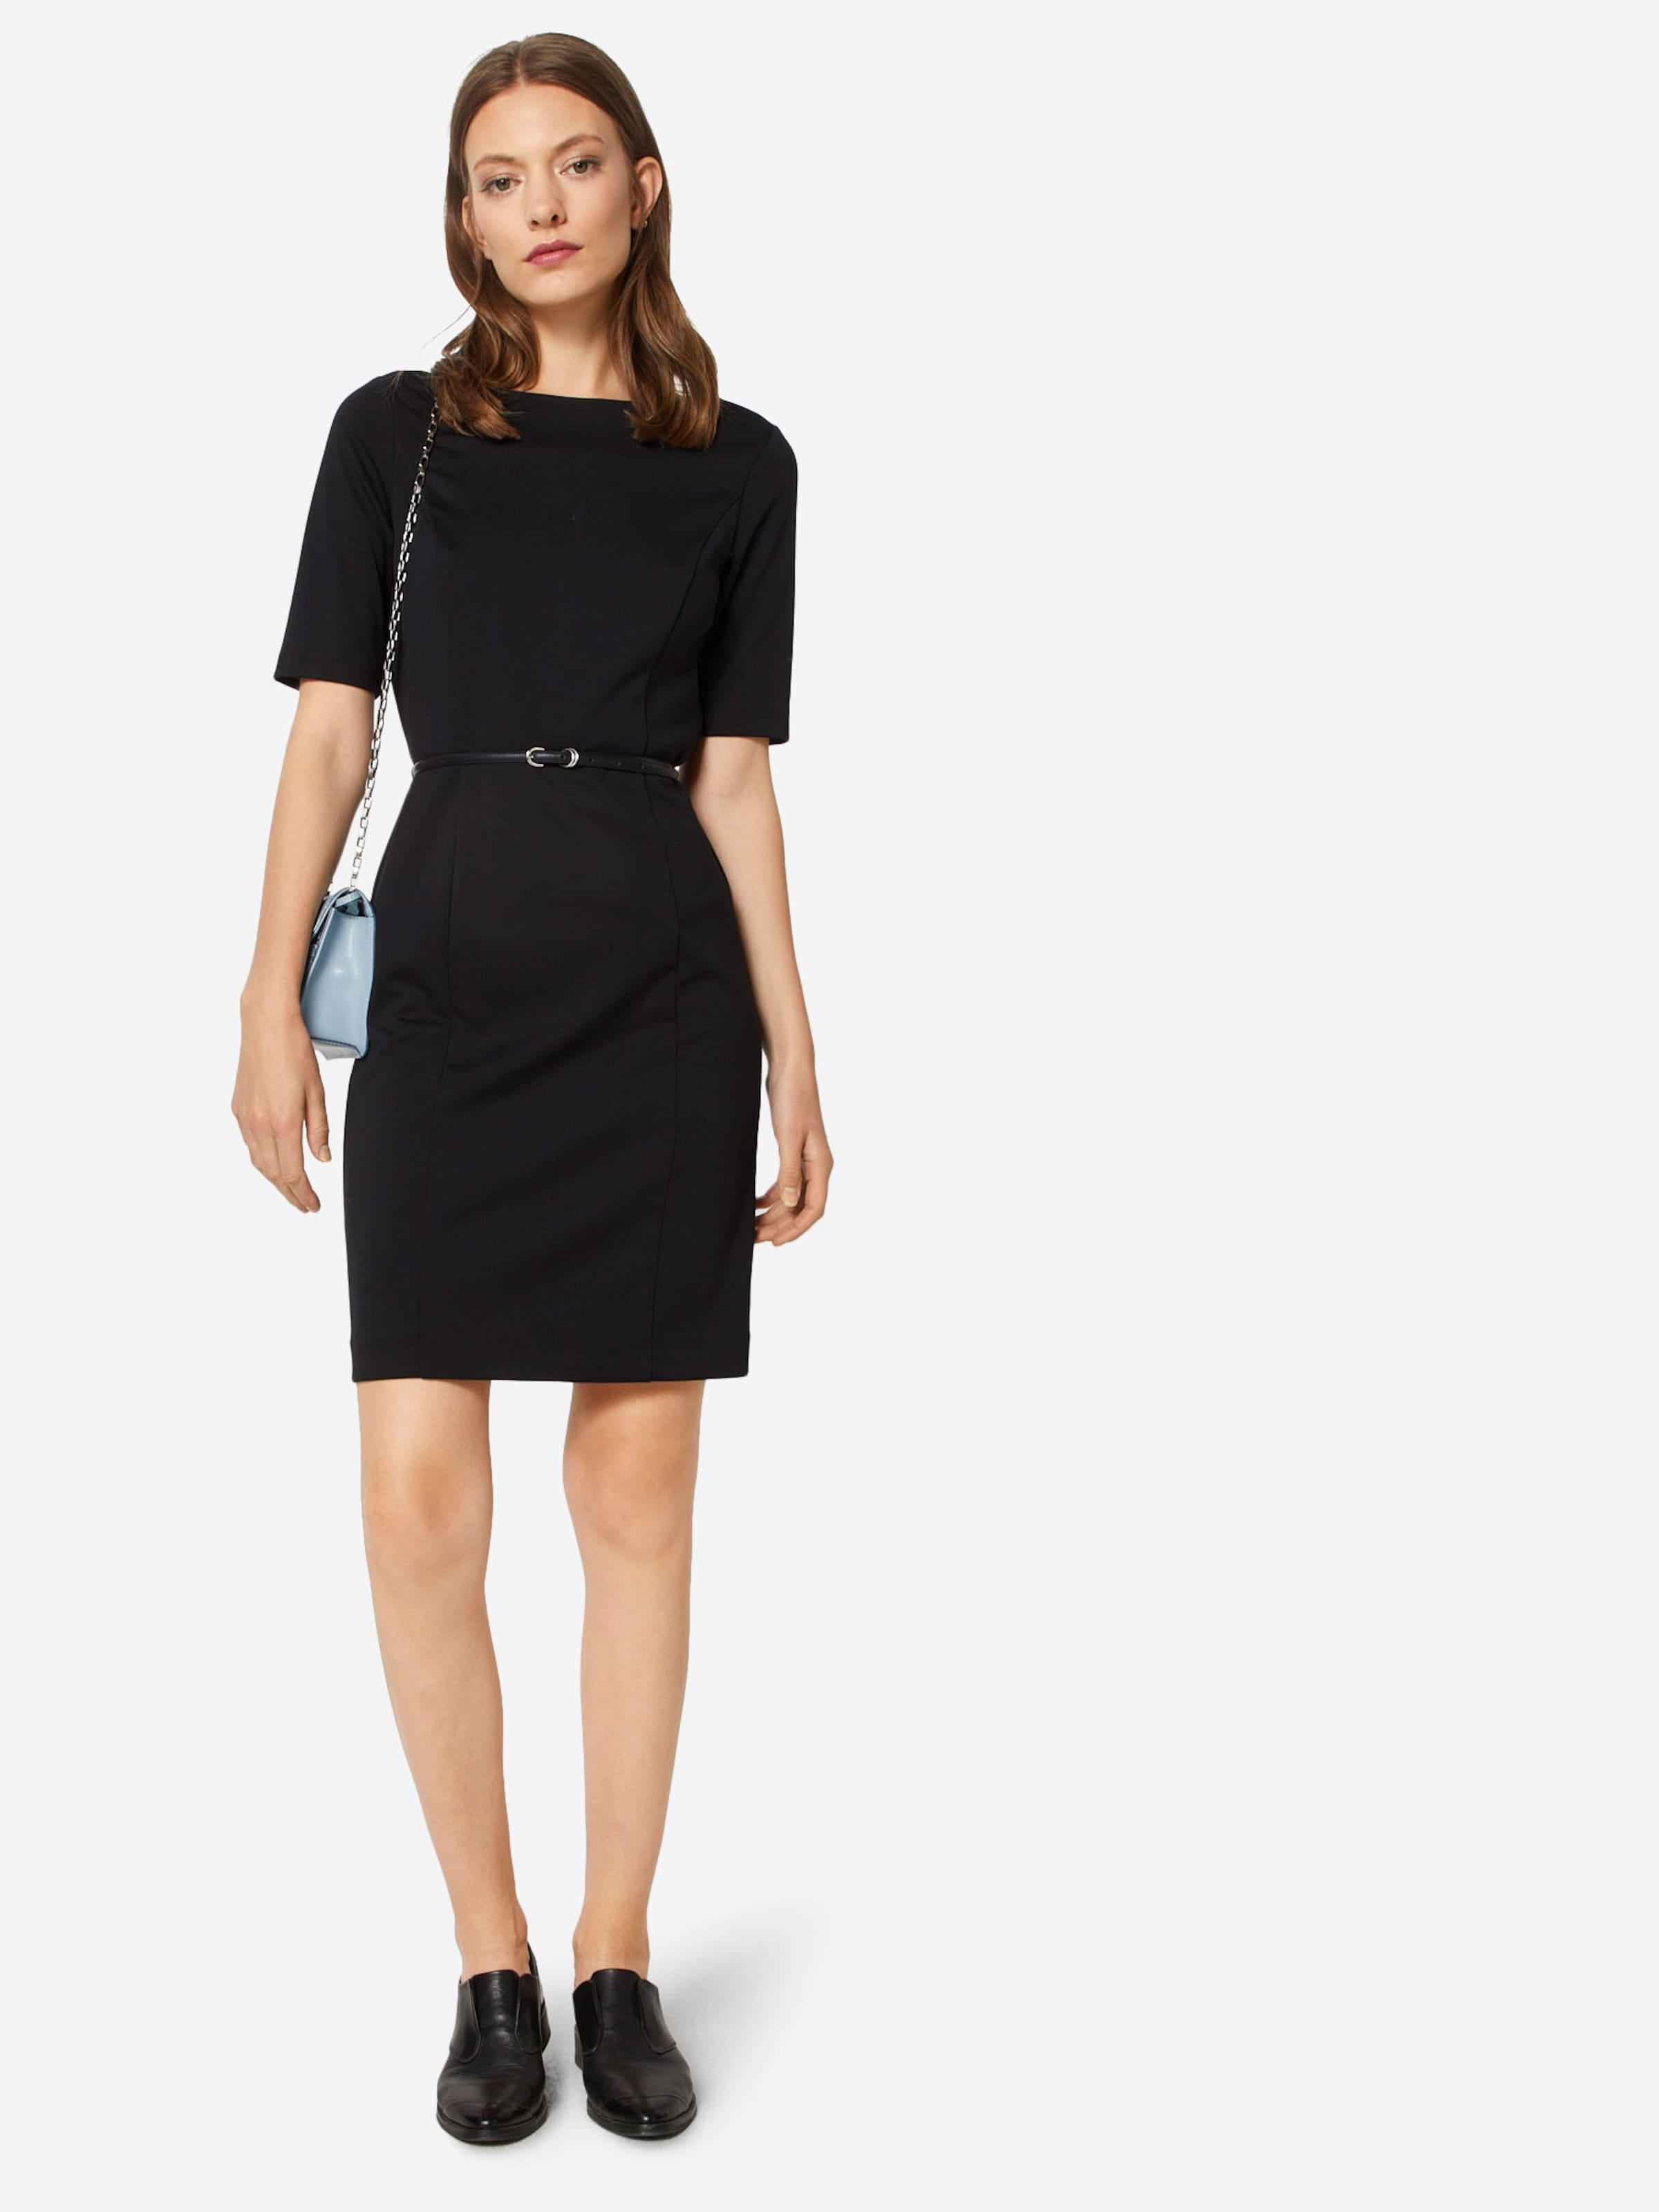 In Collection Esprit Schwarz Kleid yO0wvm8nPN